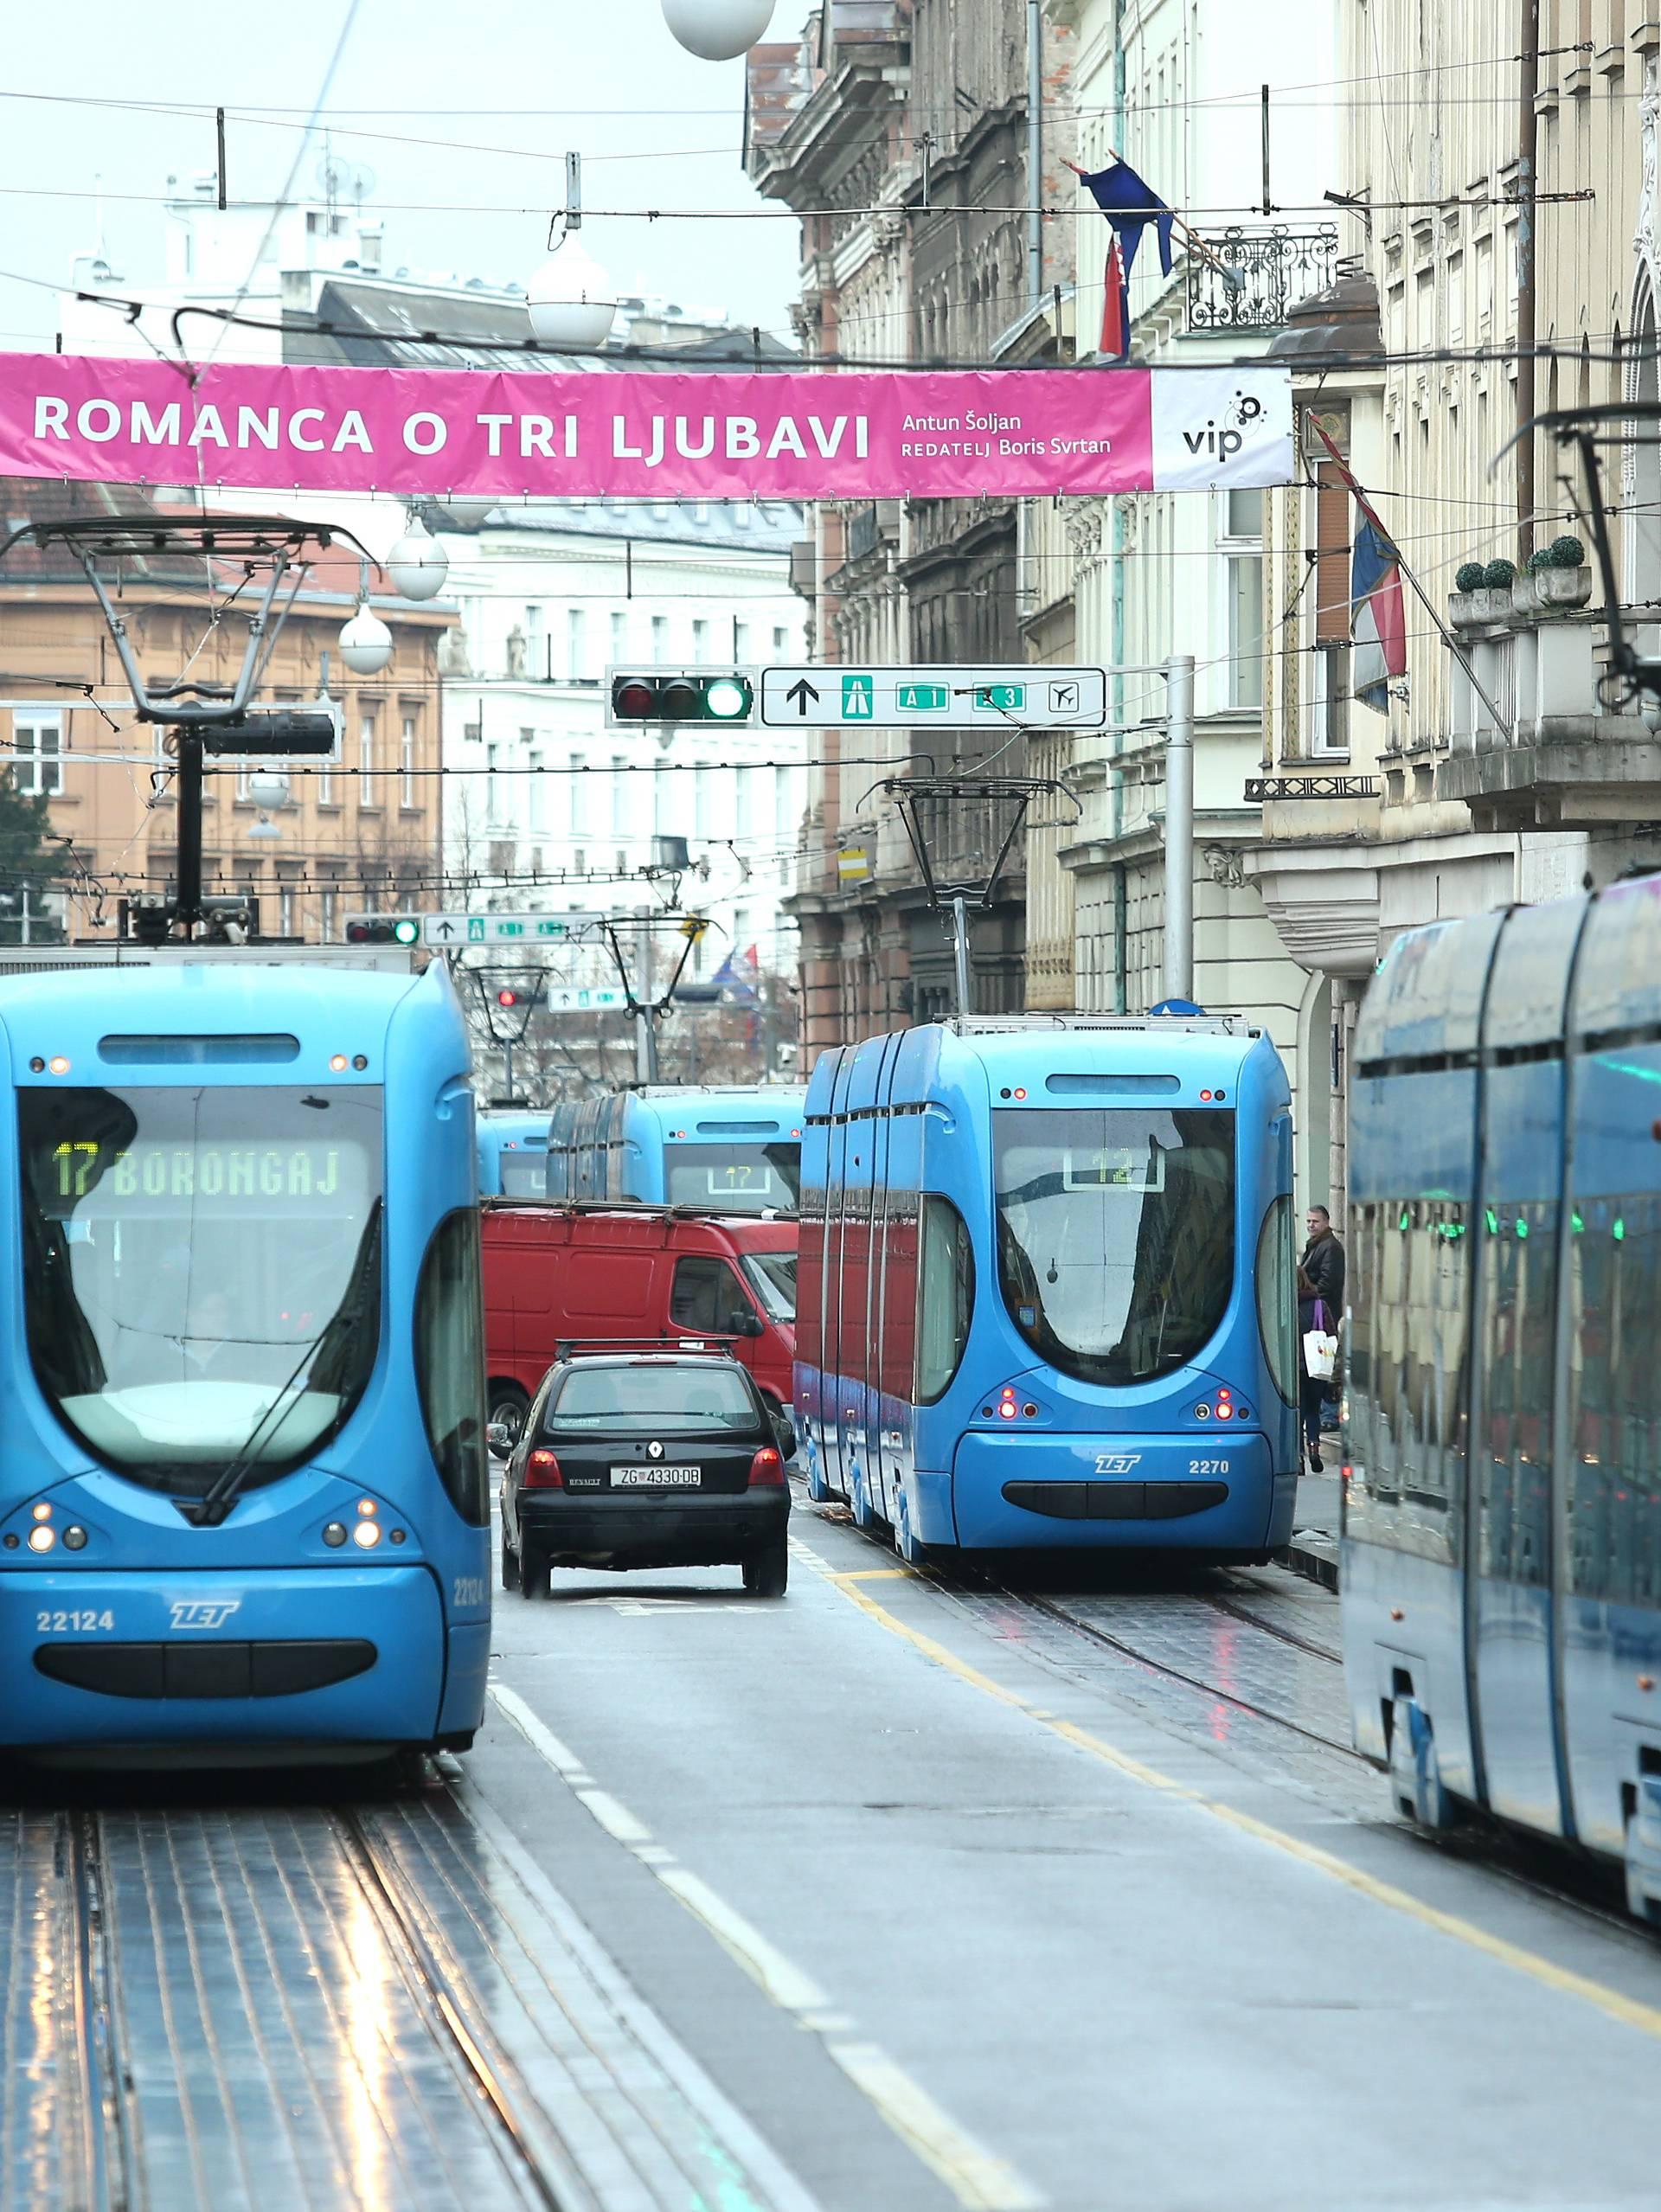 Bandić uskoro objavljuje koji će tramvaji početi voziti od  27.4.